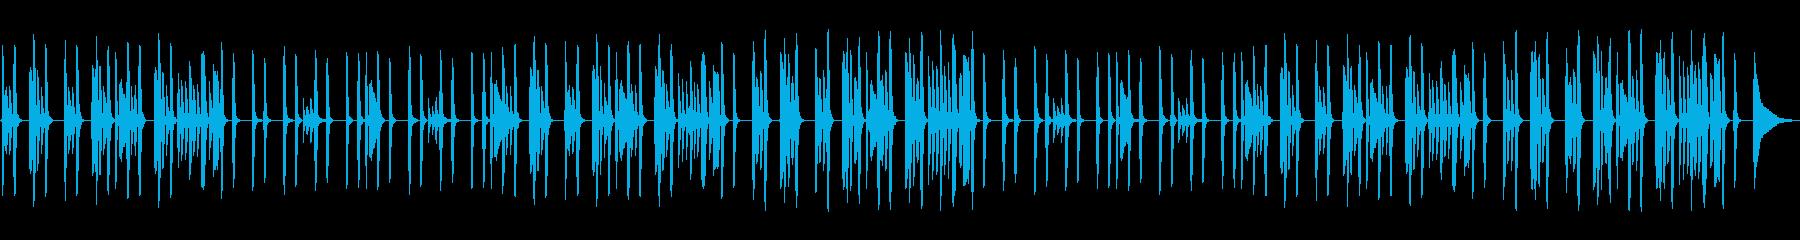 ピアノ・ほんわか・ルーティン・日常の再生済みの波形